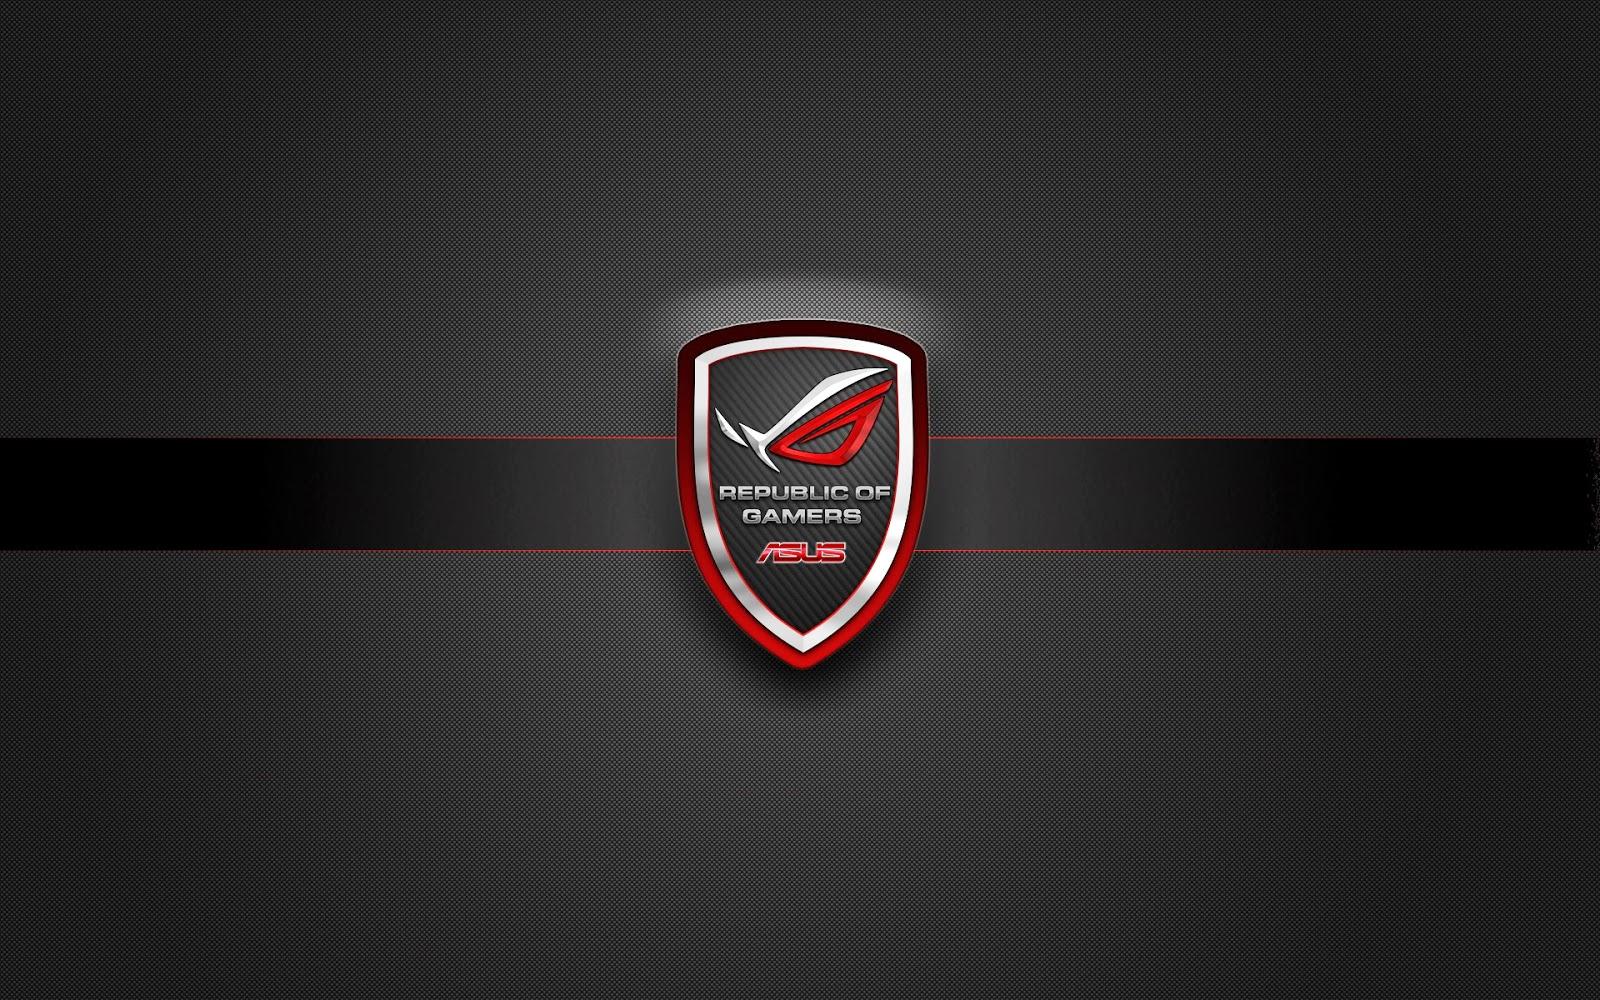 asus rog badge logo republic of gamers wallpaperjpg 1600x1000